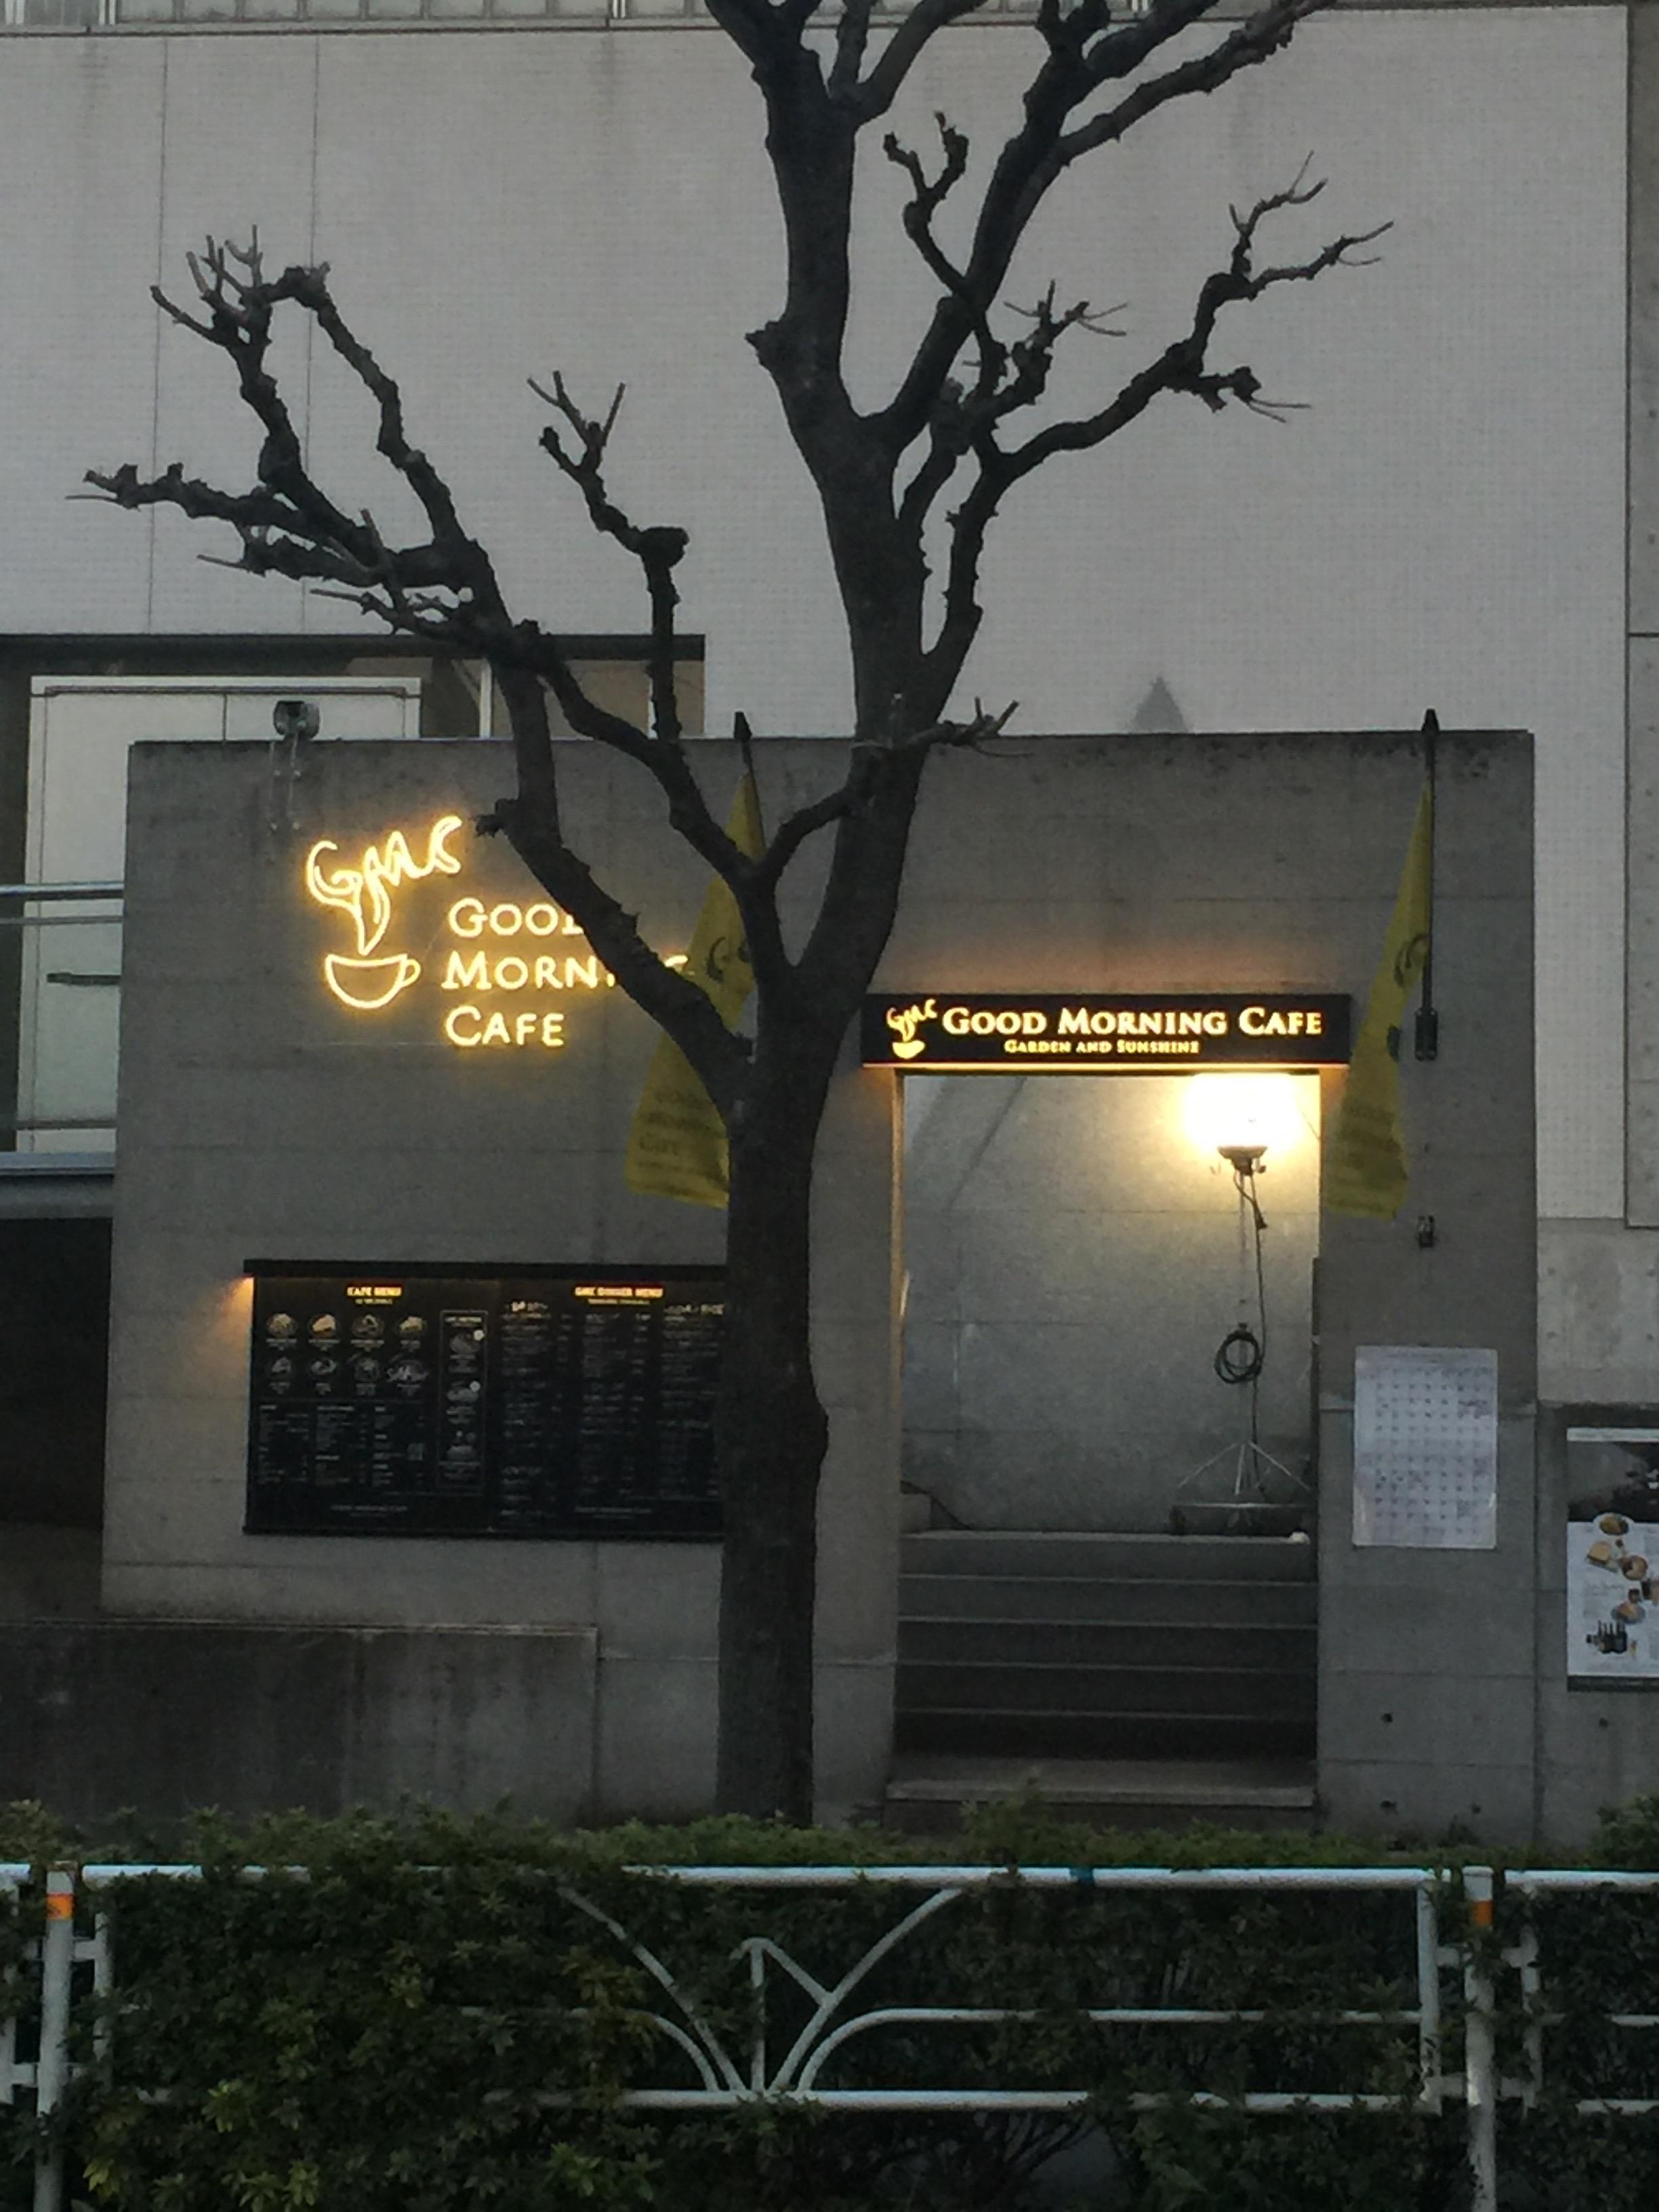 グッドモーニングカフェ千駄ヶ谷に行ってみたら 【Good Morning Cafe千駄ヶ谷】